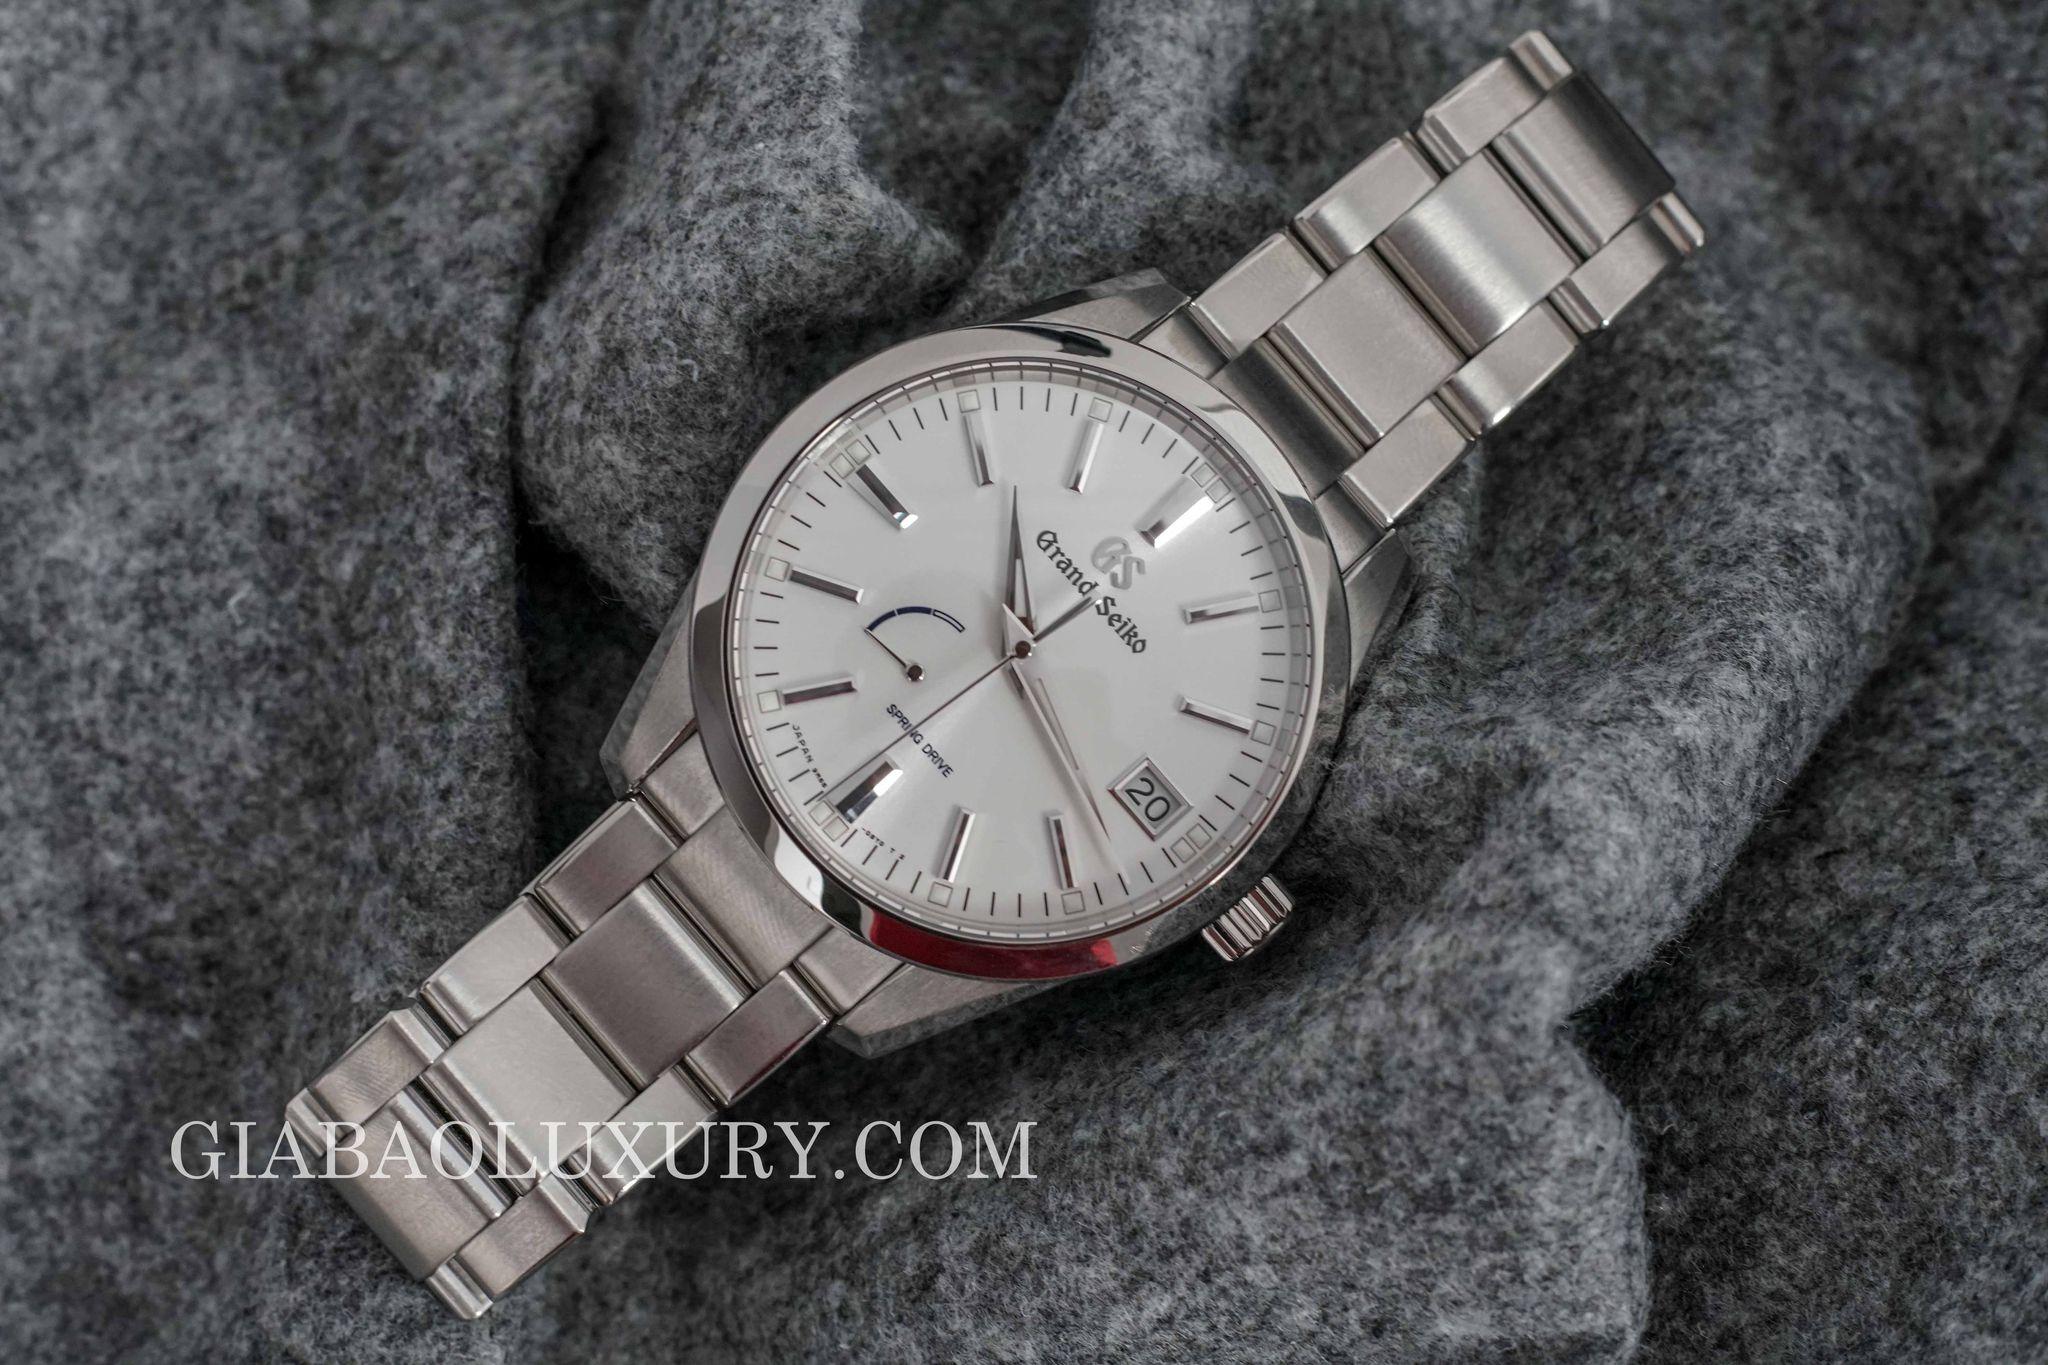 Không chỉ cung cấp các mẫu đồng hồ Grand Seiko chính hãng, Gia Bảo Luxury còn cung cấp dịch vụ thu mua đồng hồ cũ với giá cạnh tranh thị trường